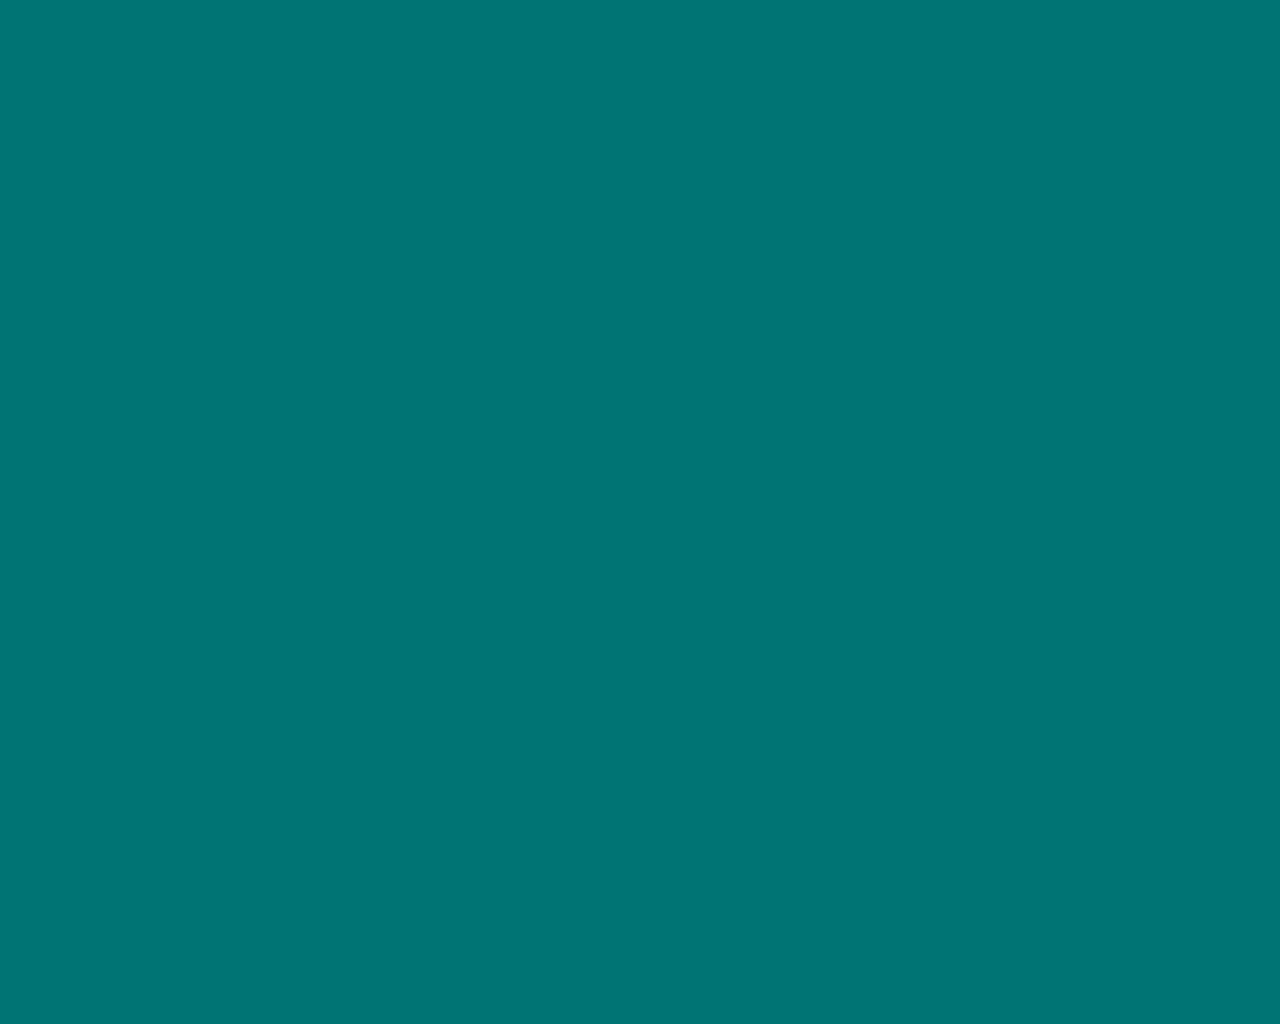 1280x1024 Skobeloff Solid Color Background